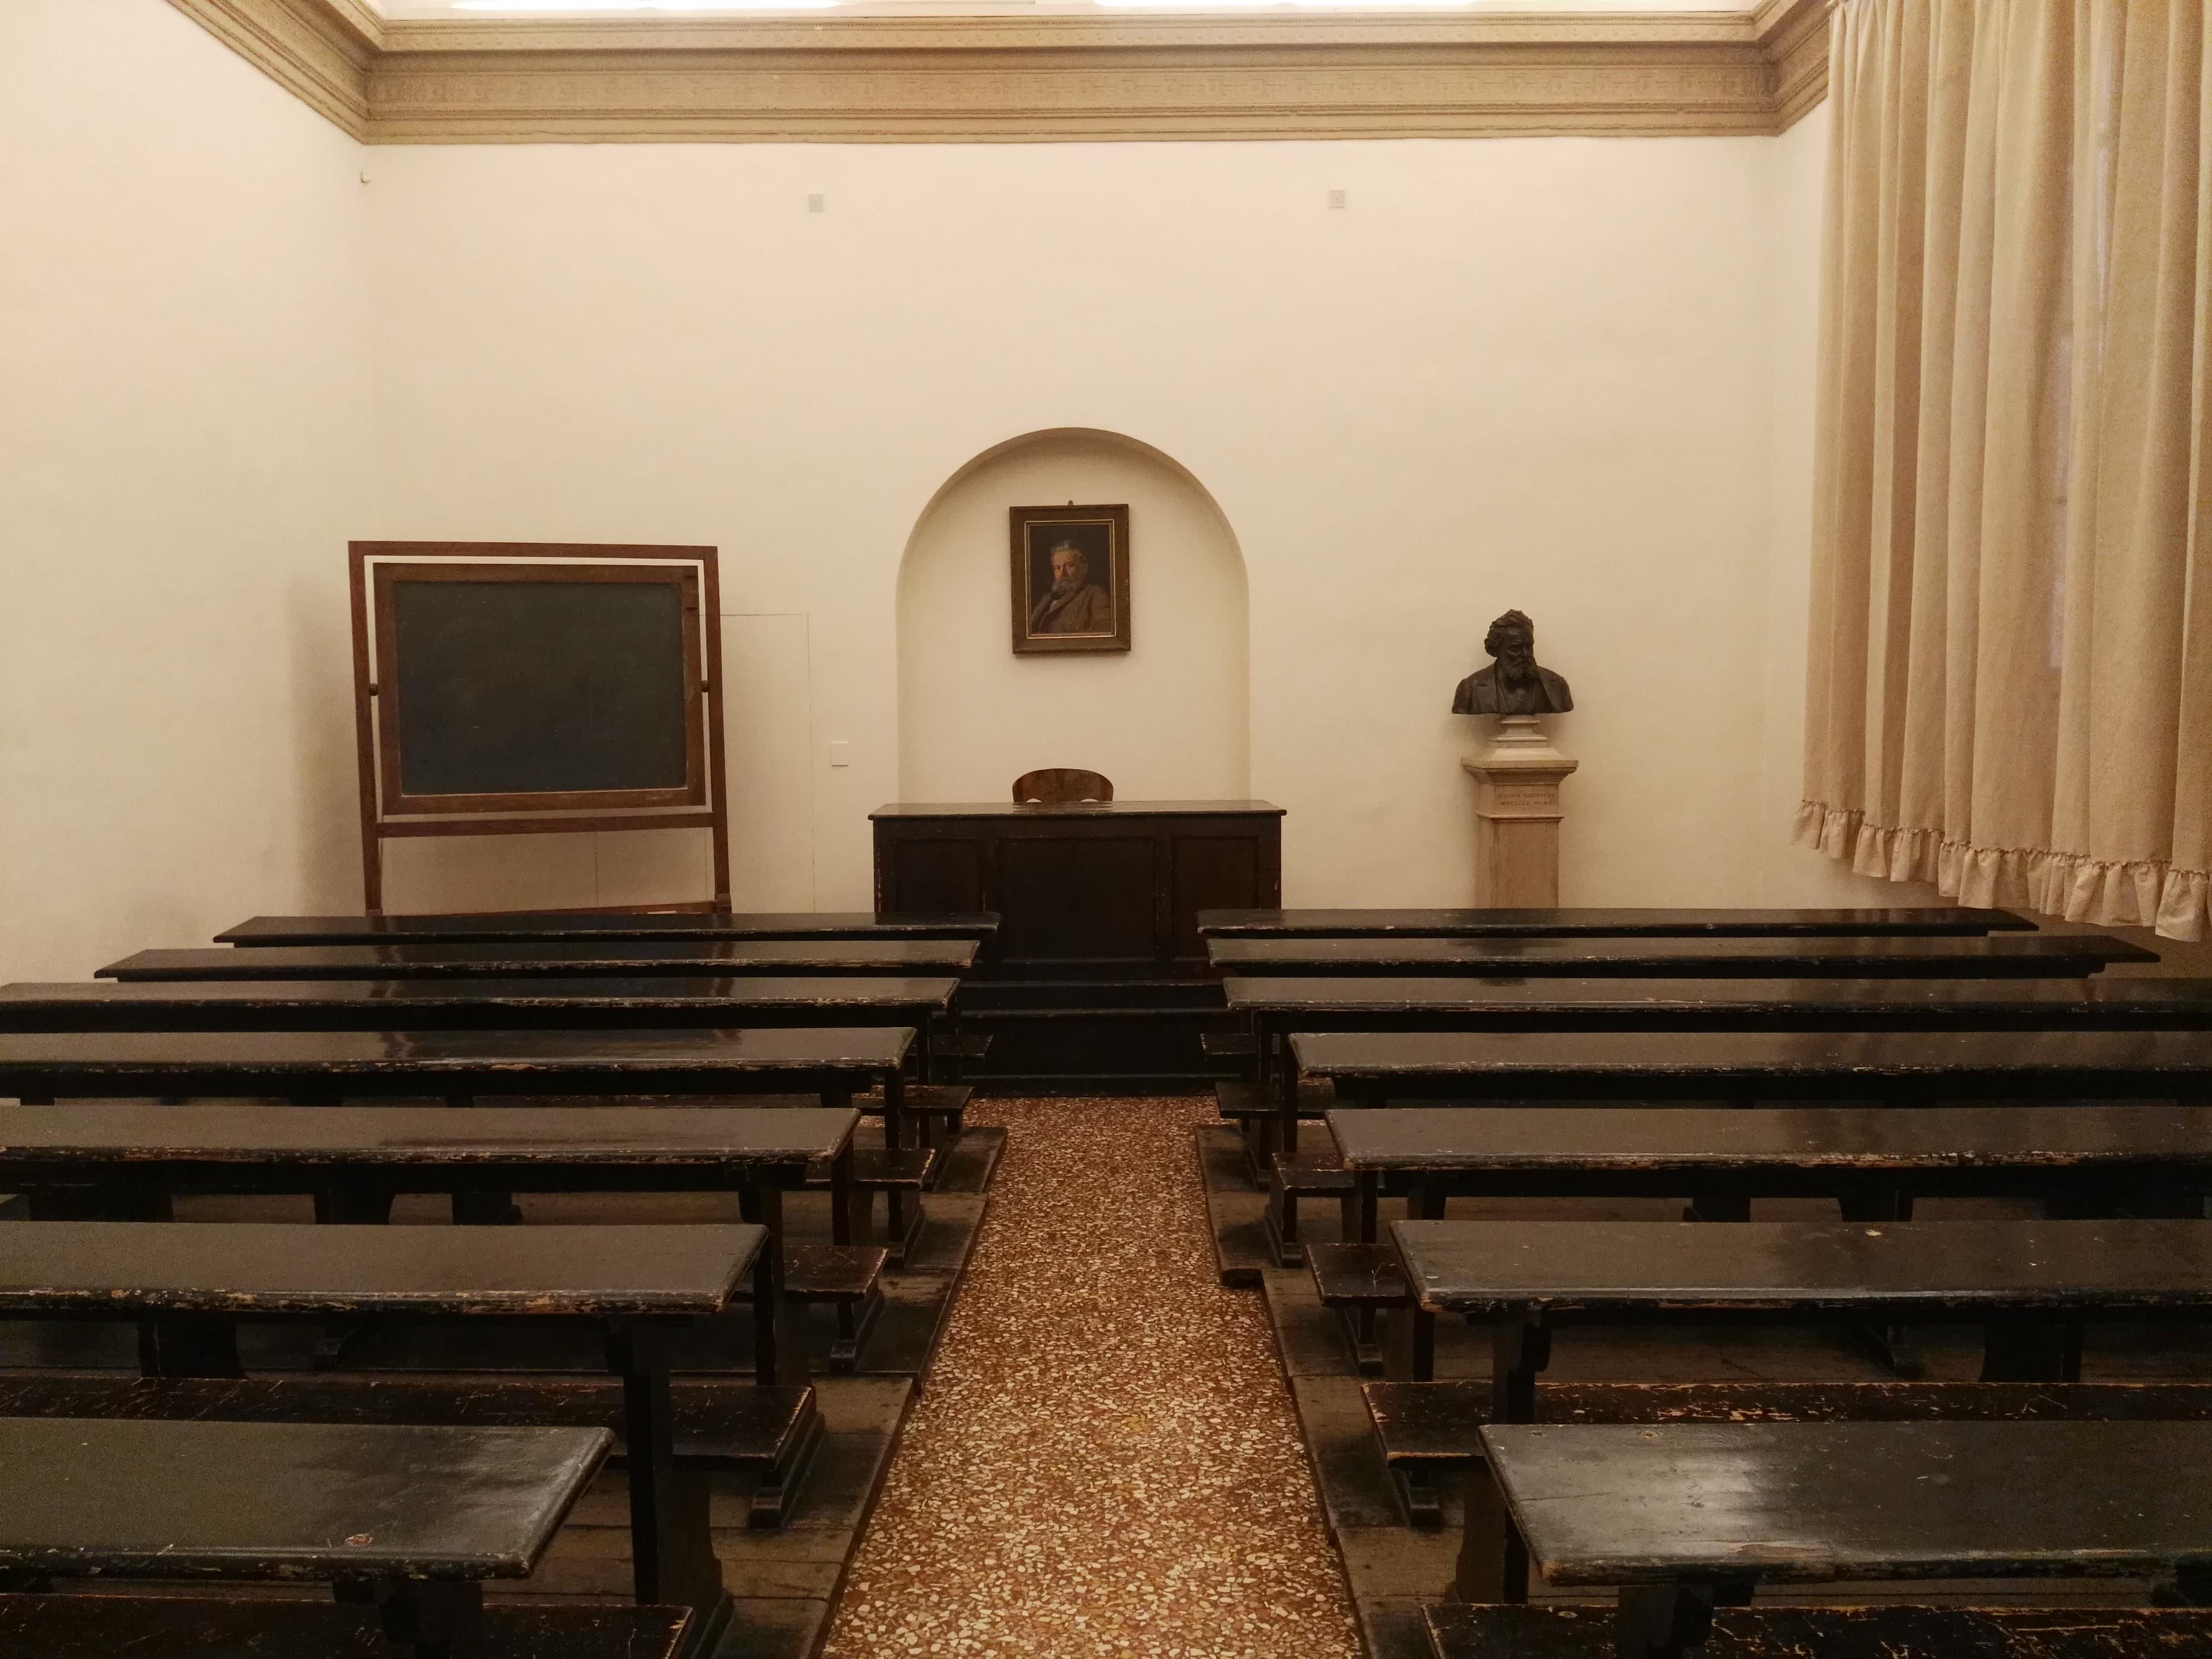 Aula Carducci në Bolonja, via Zamboni 33. Foto nga Erjon Uka